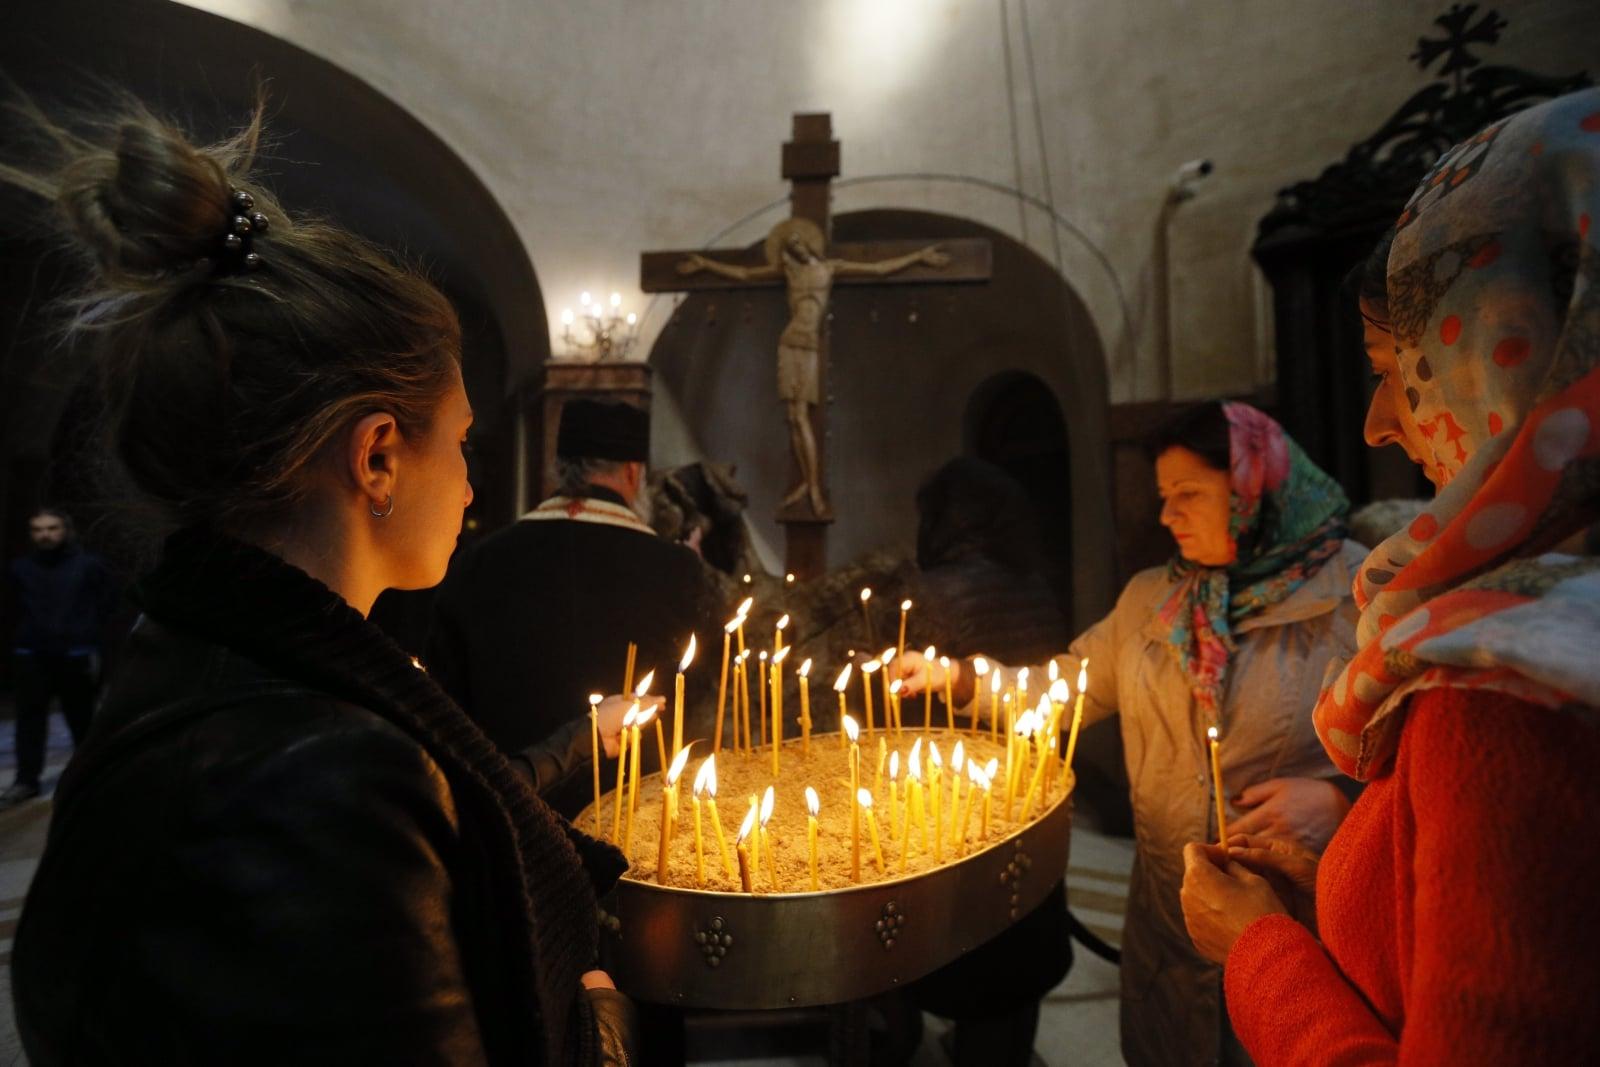 Wielki Piątek w Kościołach Wschodnich    EPA/ZURAB KURTSIKIDZE